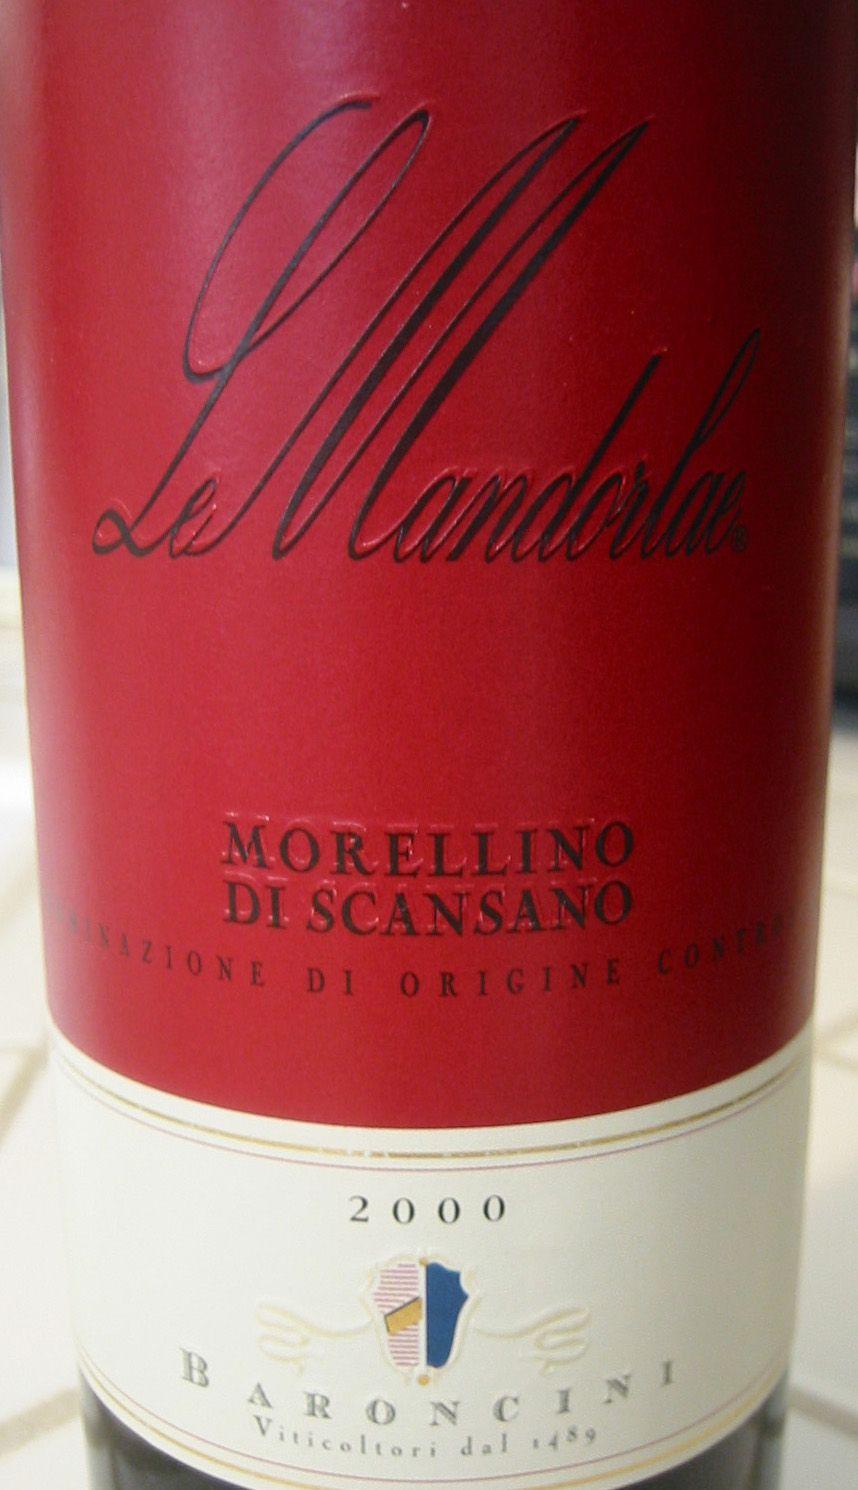 2000 Baroncini Morellino Di Scansano Le Mandorlae Wine Bottle Wine Down Rose Wine Bottle